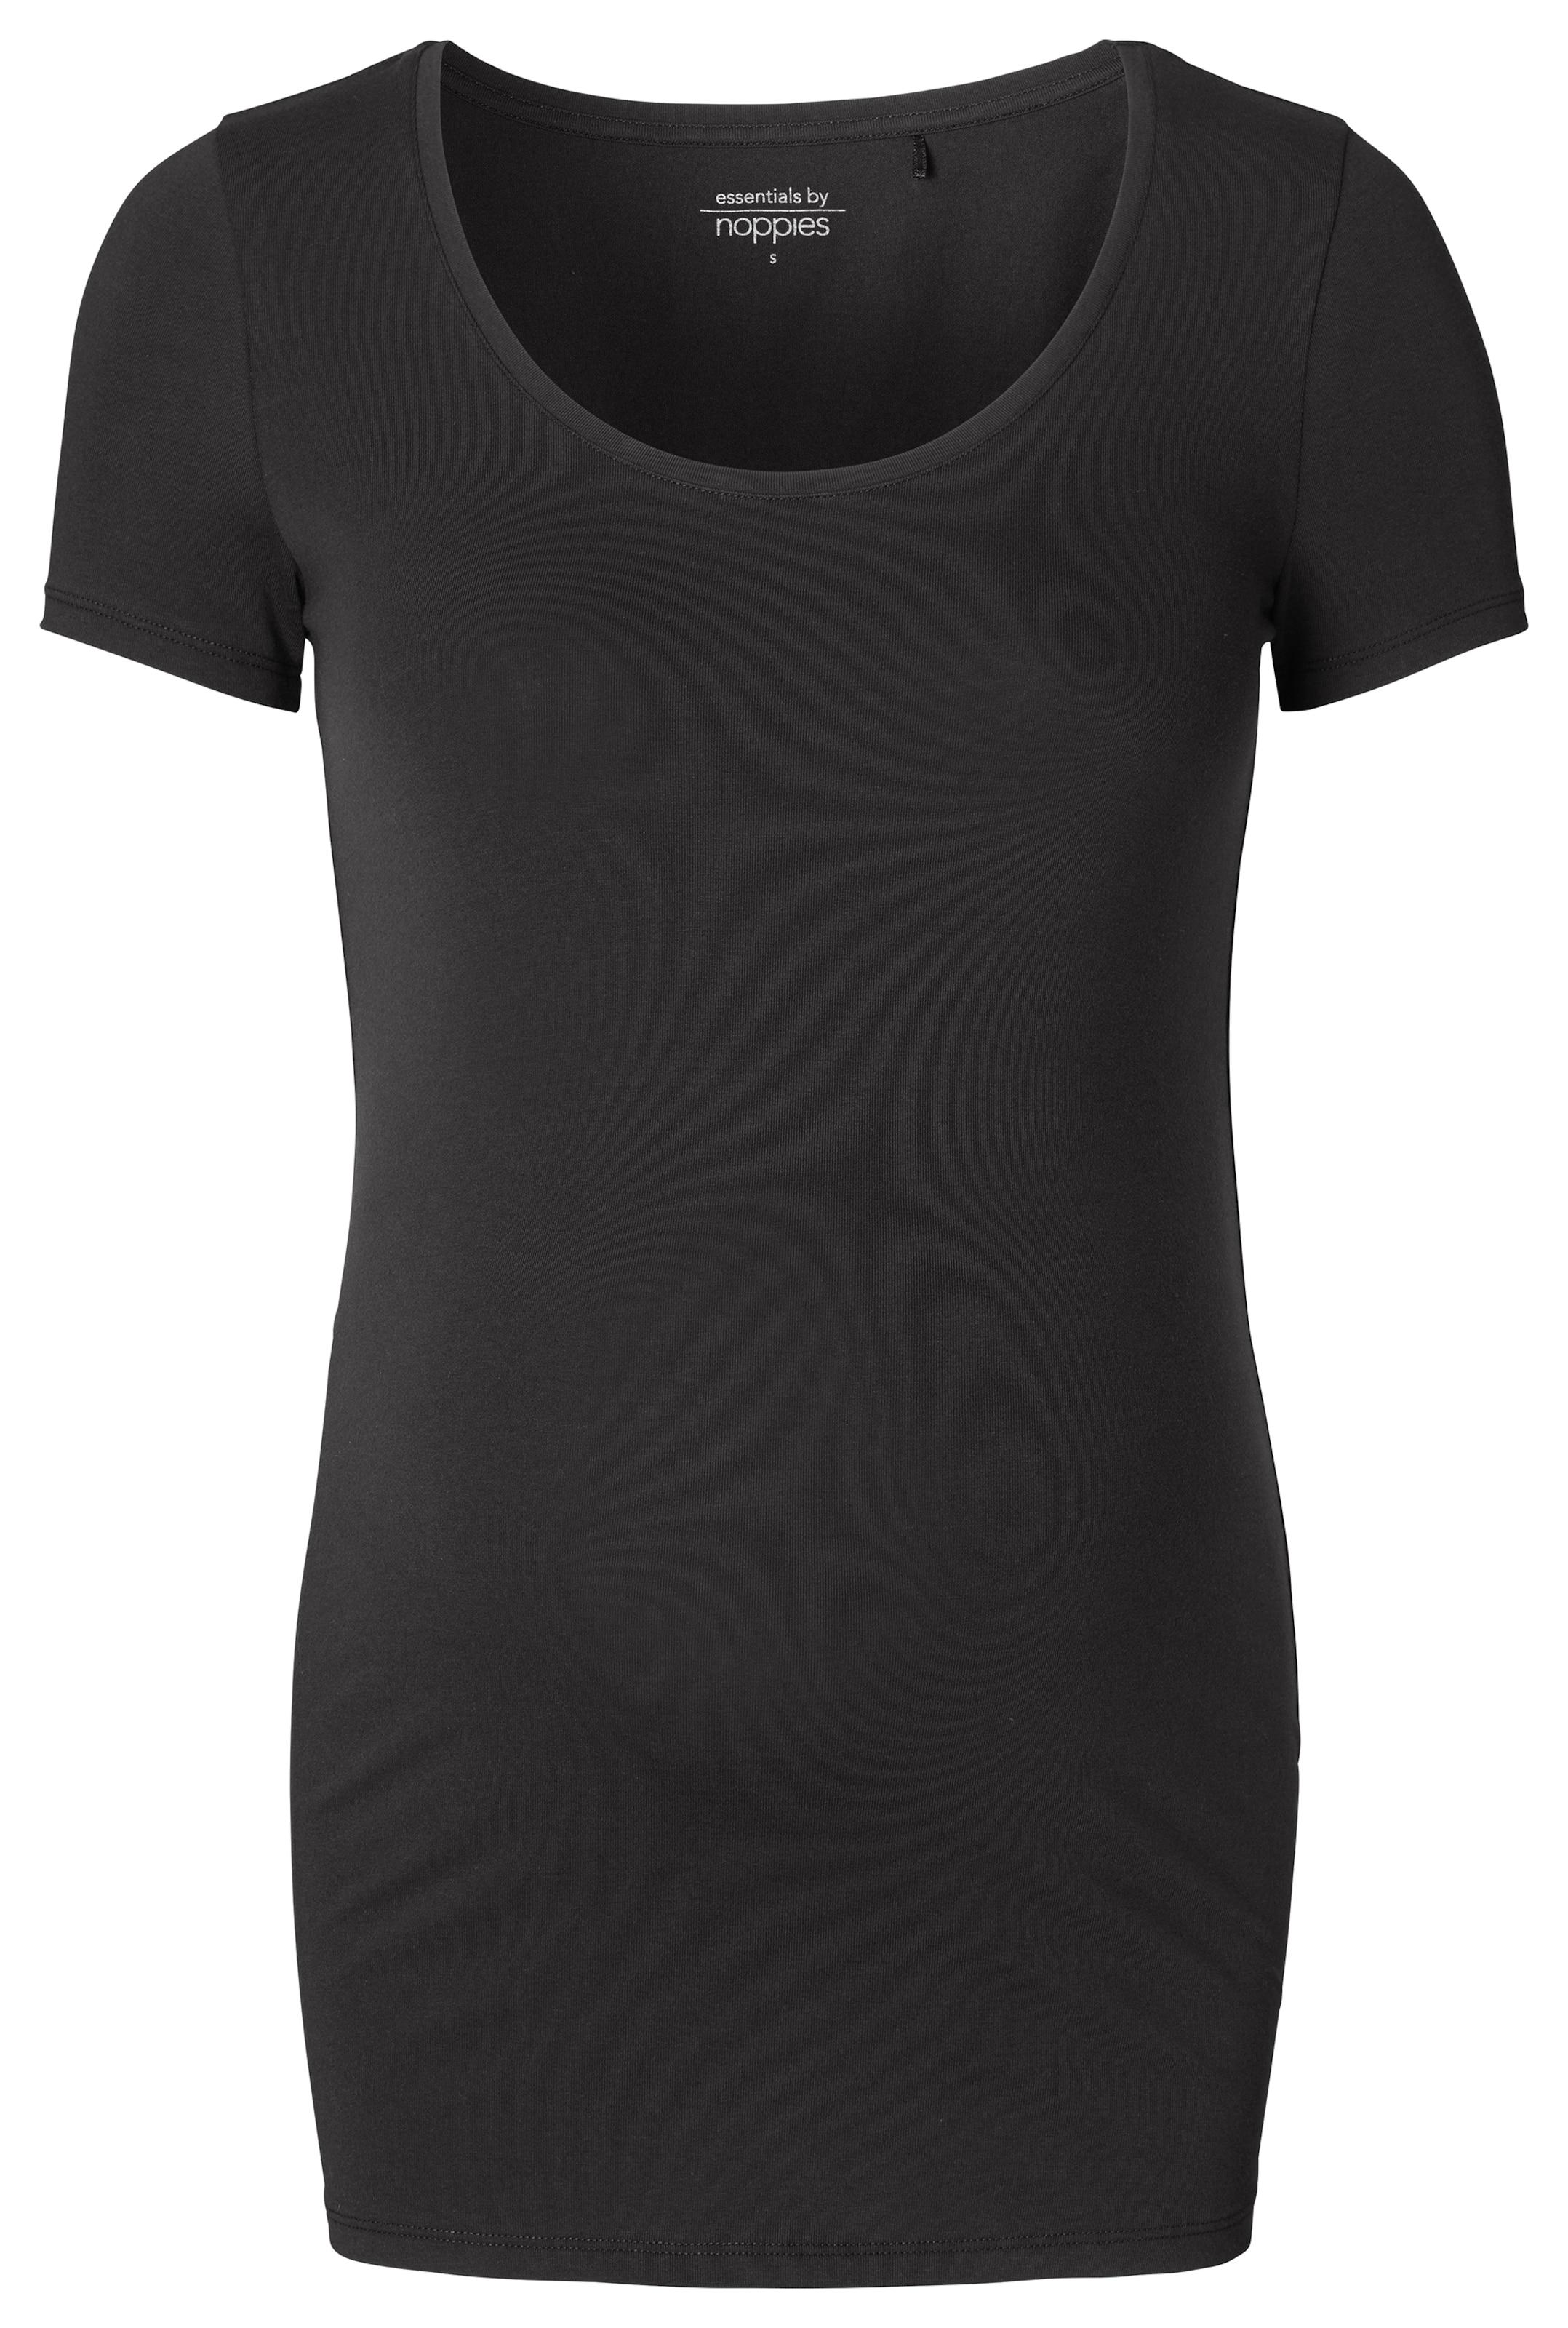 Noppies T-shirt Amsterdam Kaufen Billig Großhandelspreis Sehr Billig Günstig Online Beliebt Günstiger Preis 63Hv7Zqf1